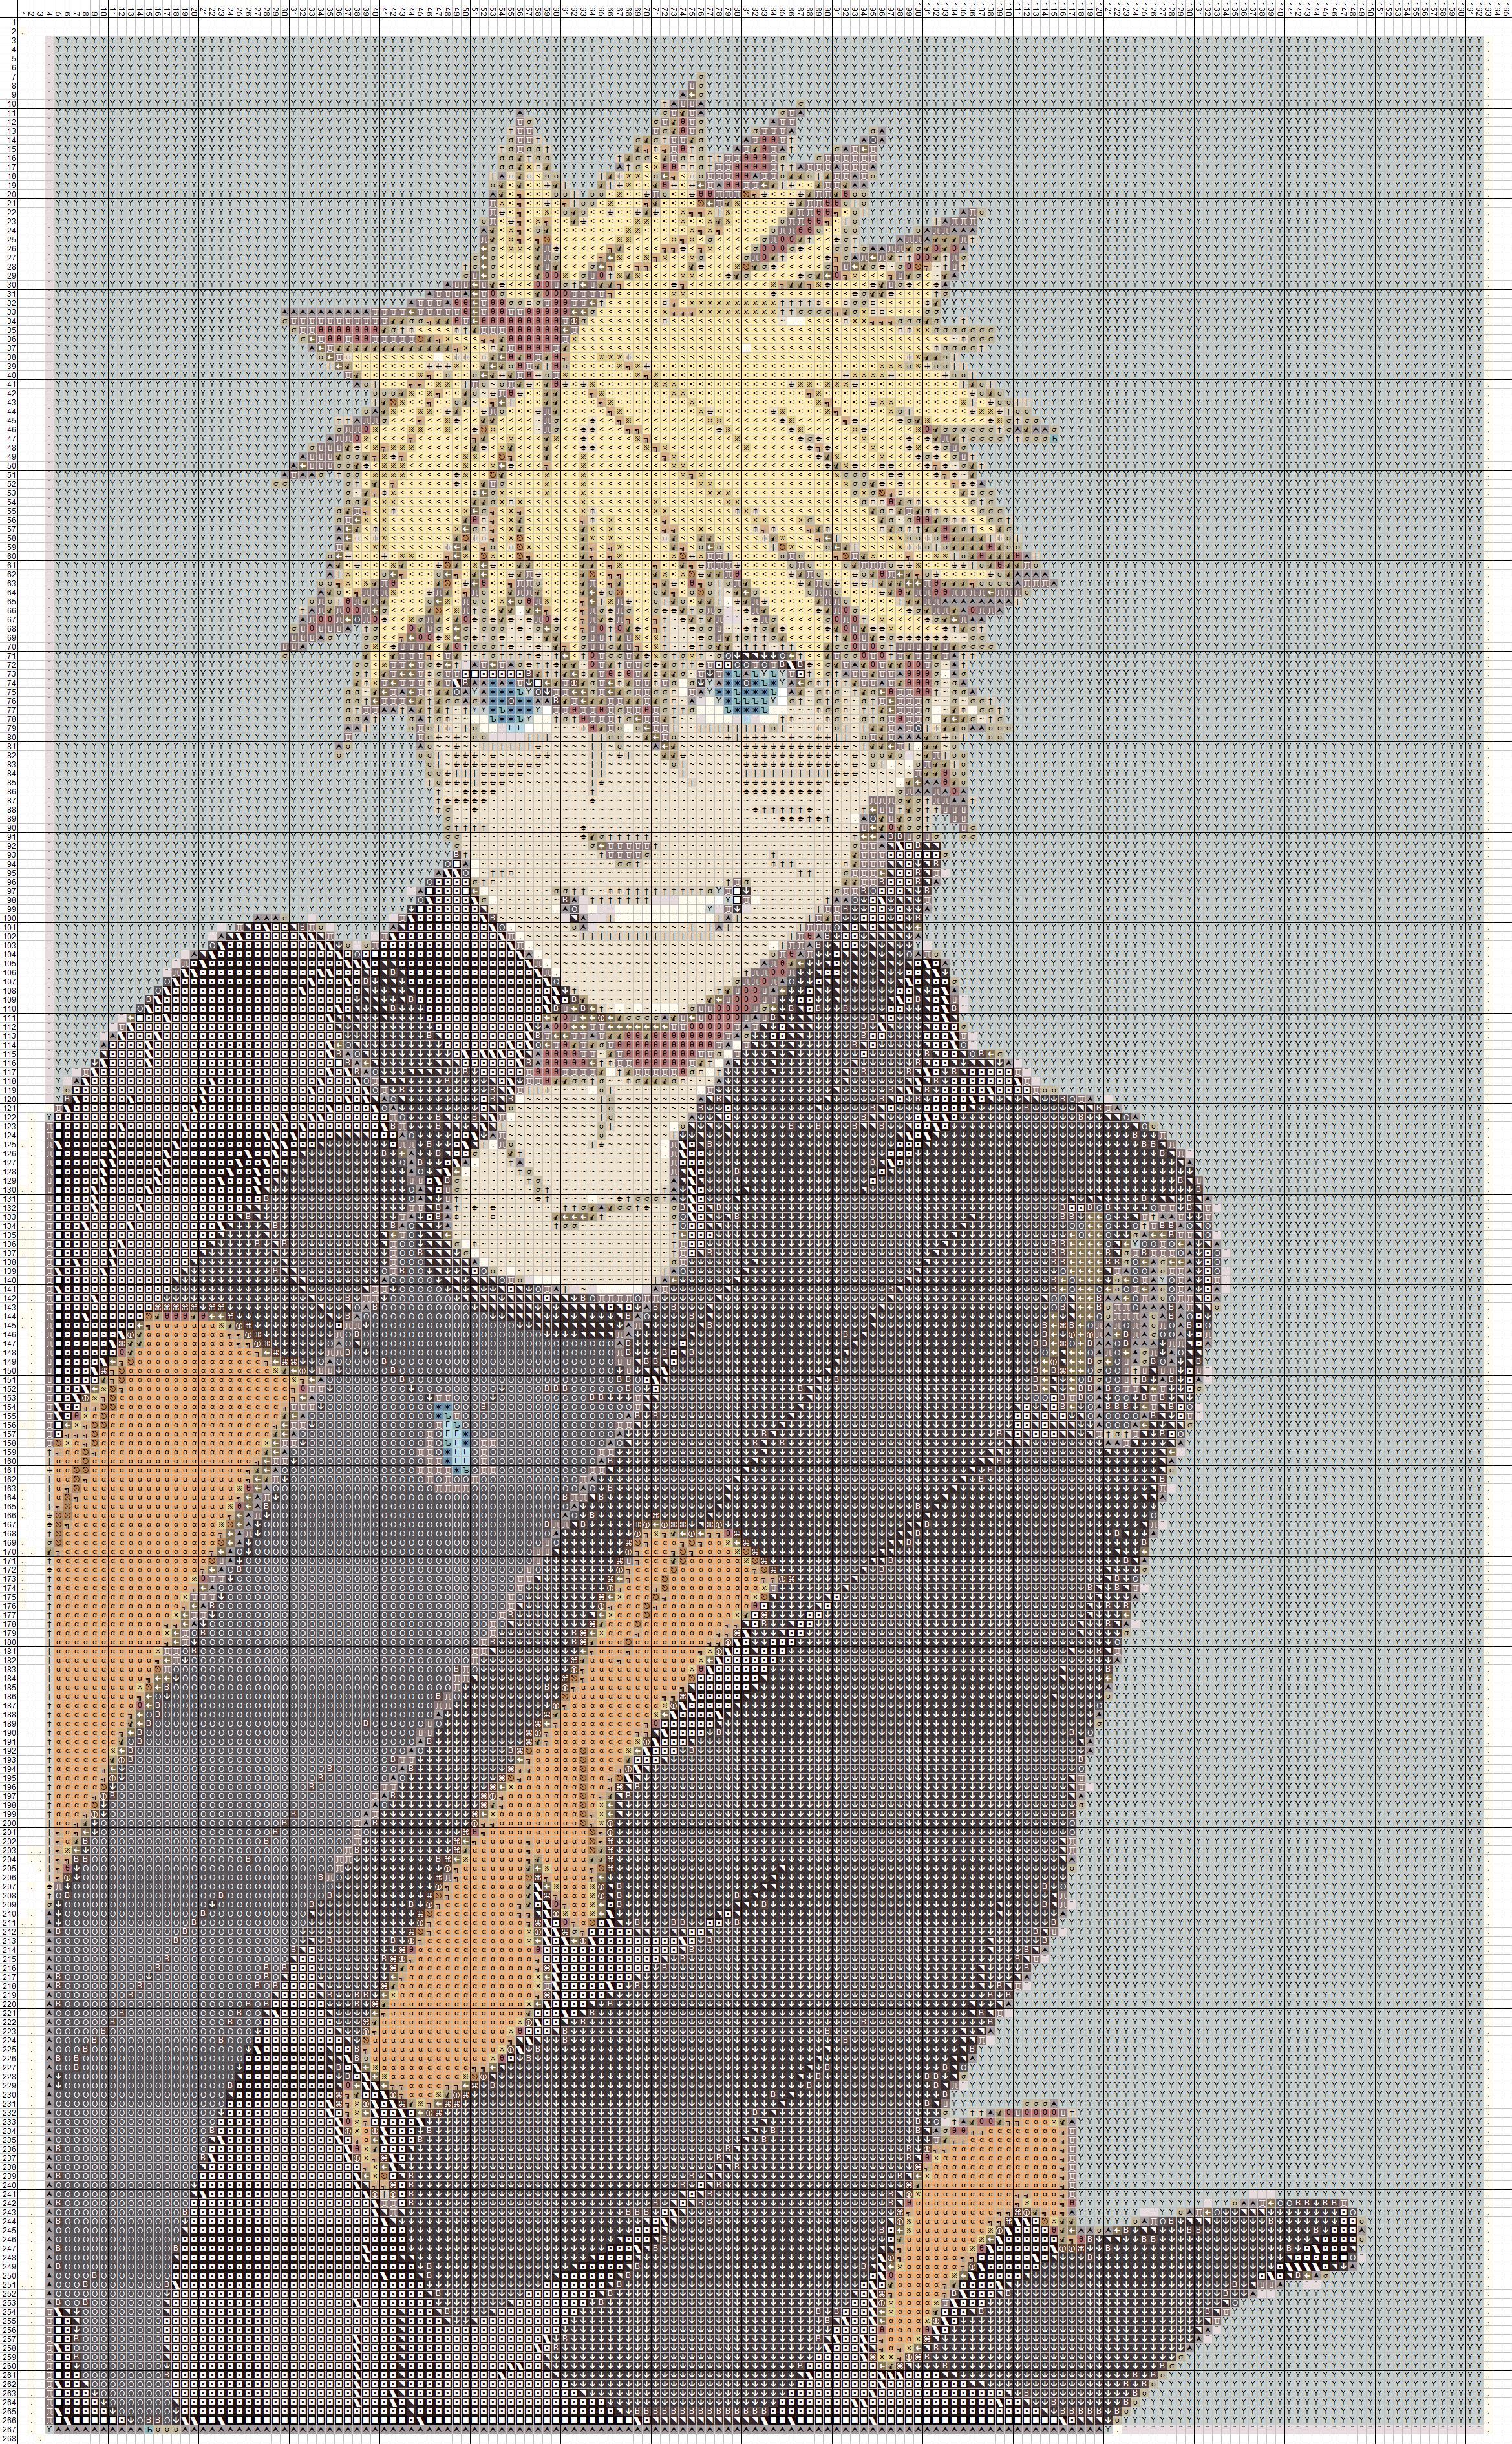 Вышивка крестом по схеме аниме бесплатно